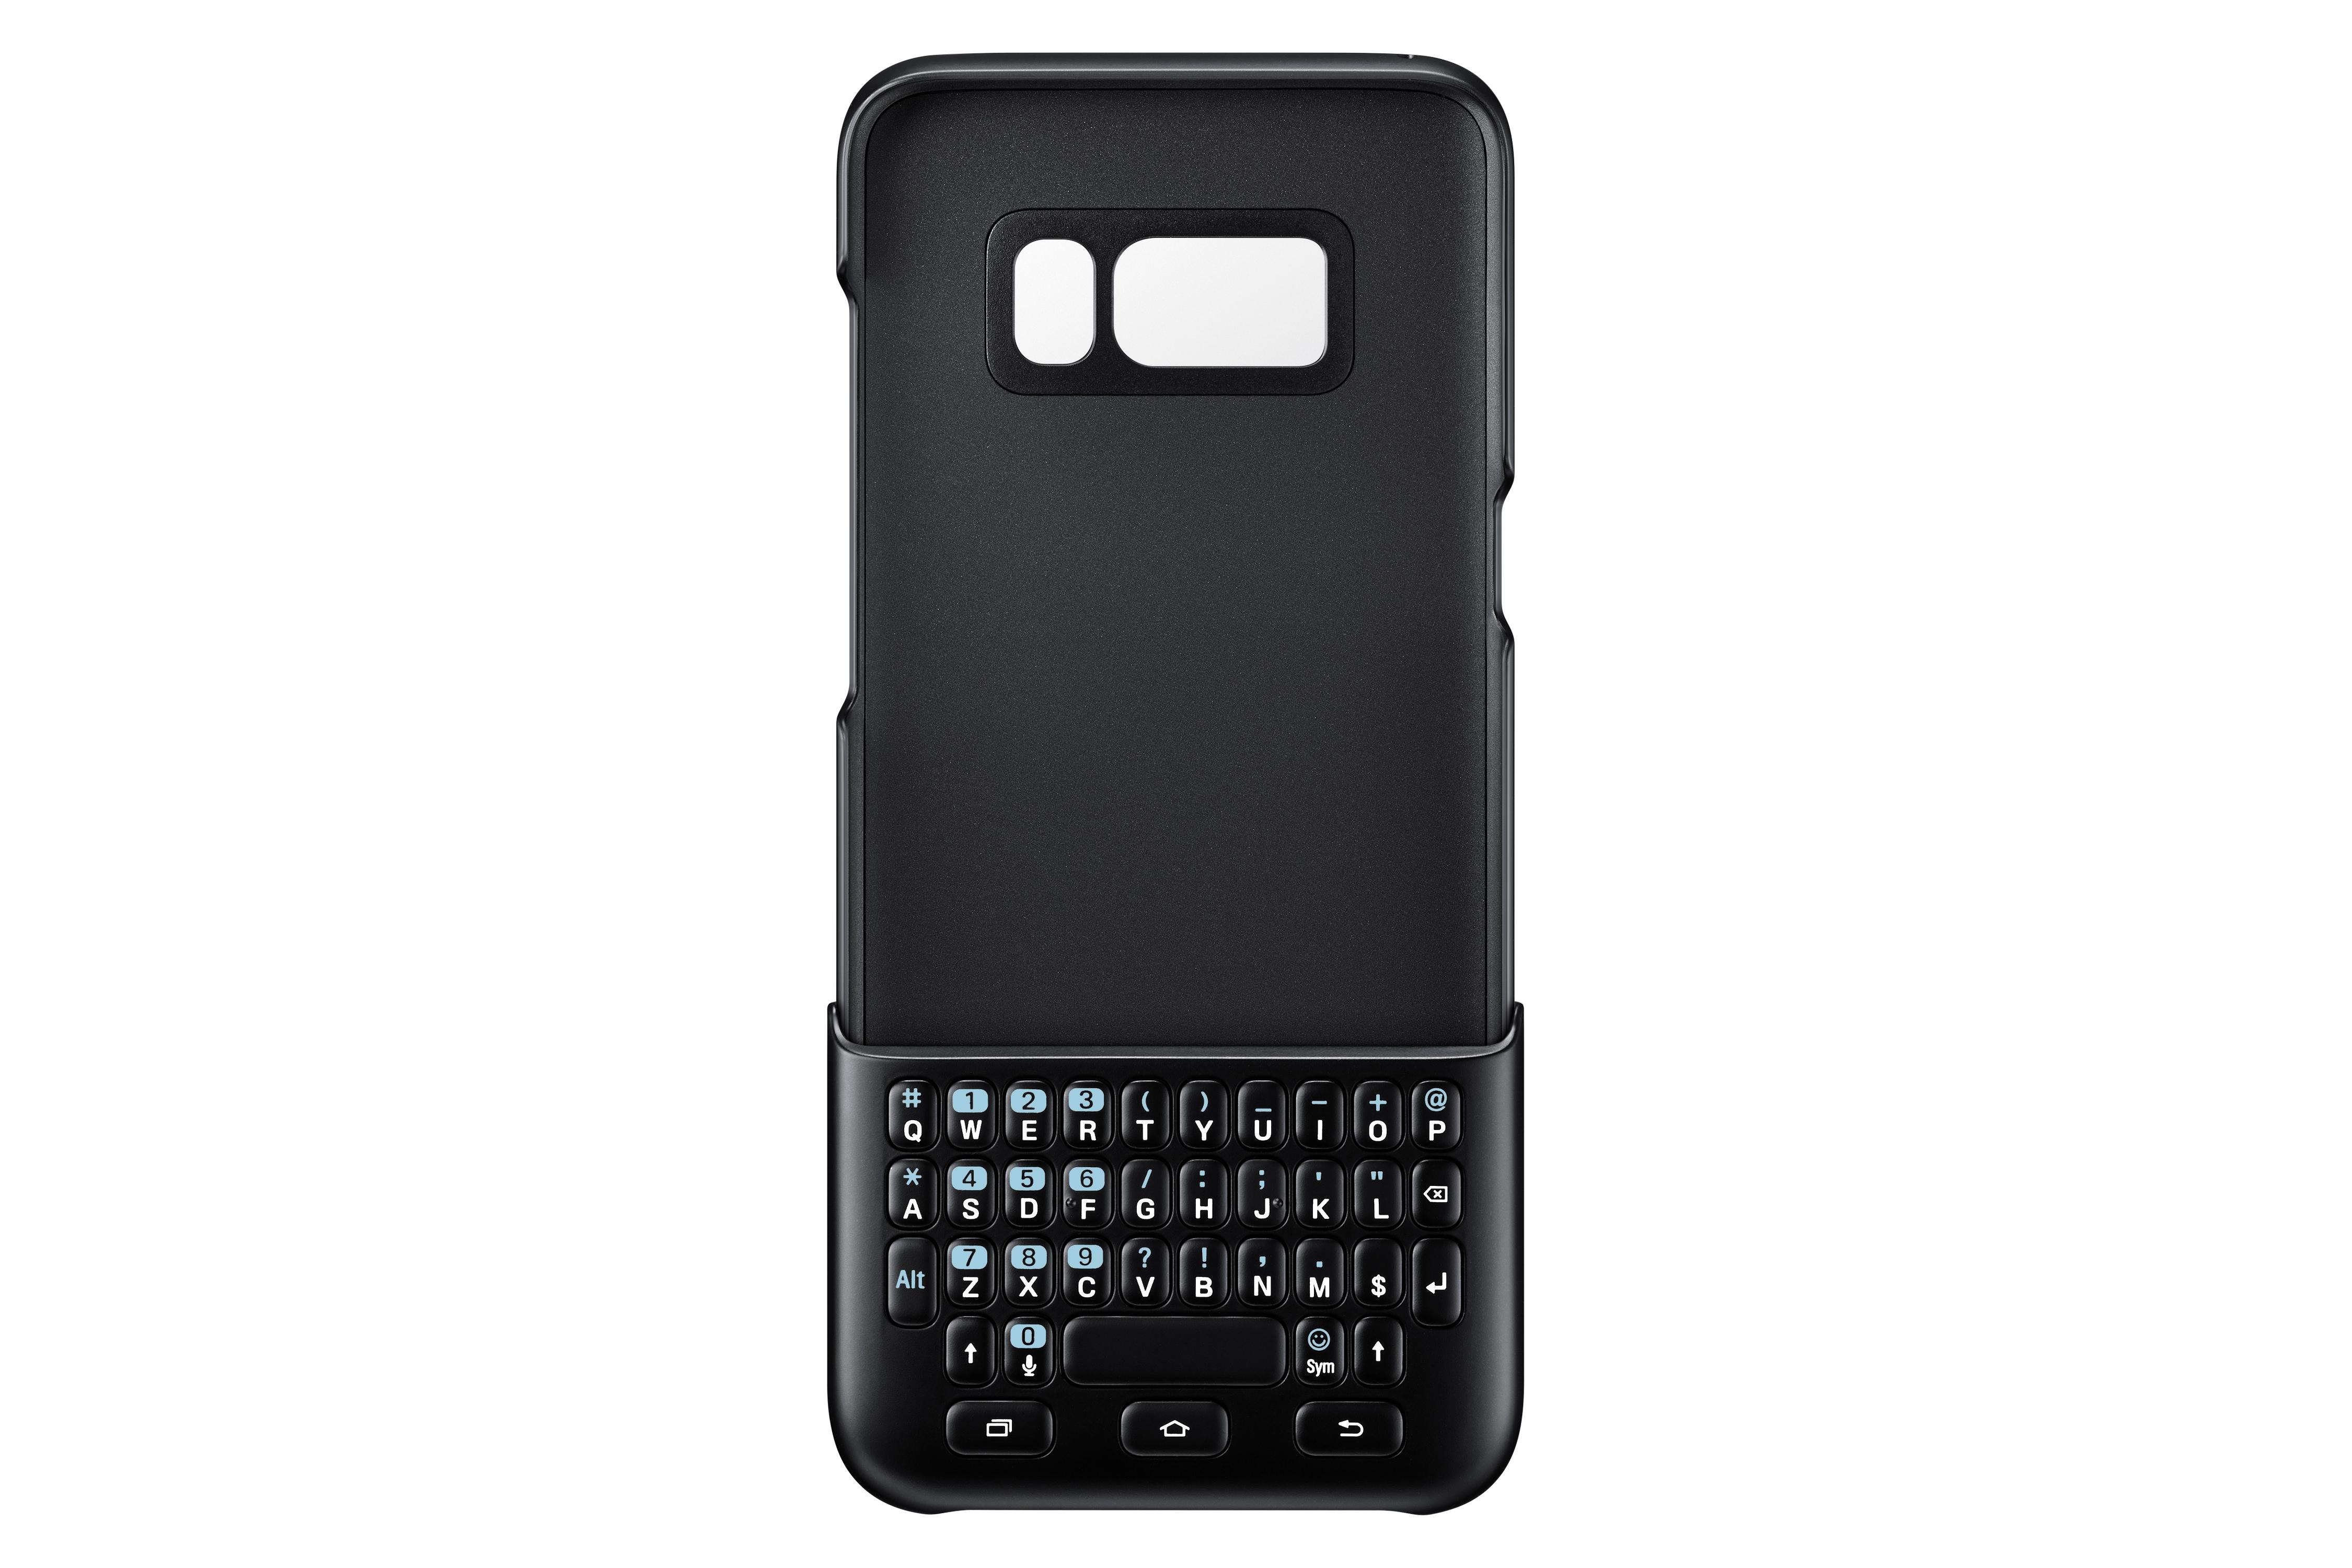 Galaxy S8+ Keyboard Cover, Black Mobile Accessories - EJ-CG955BBEGWW |  Samsung US